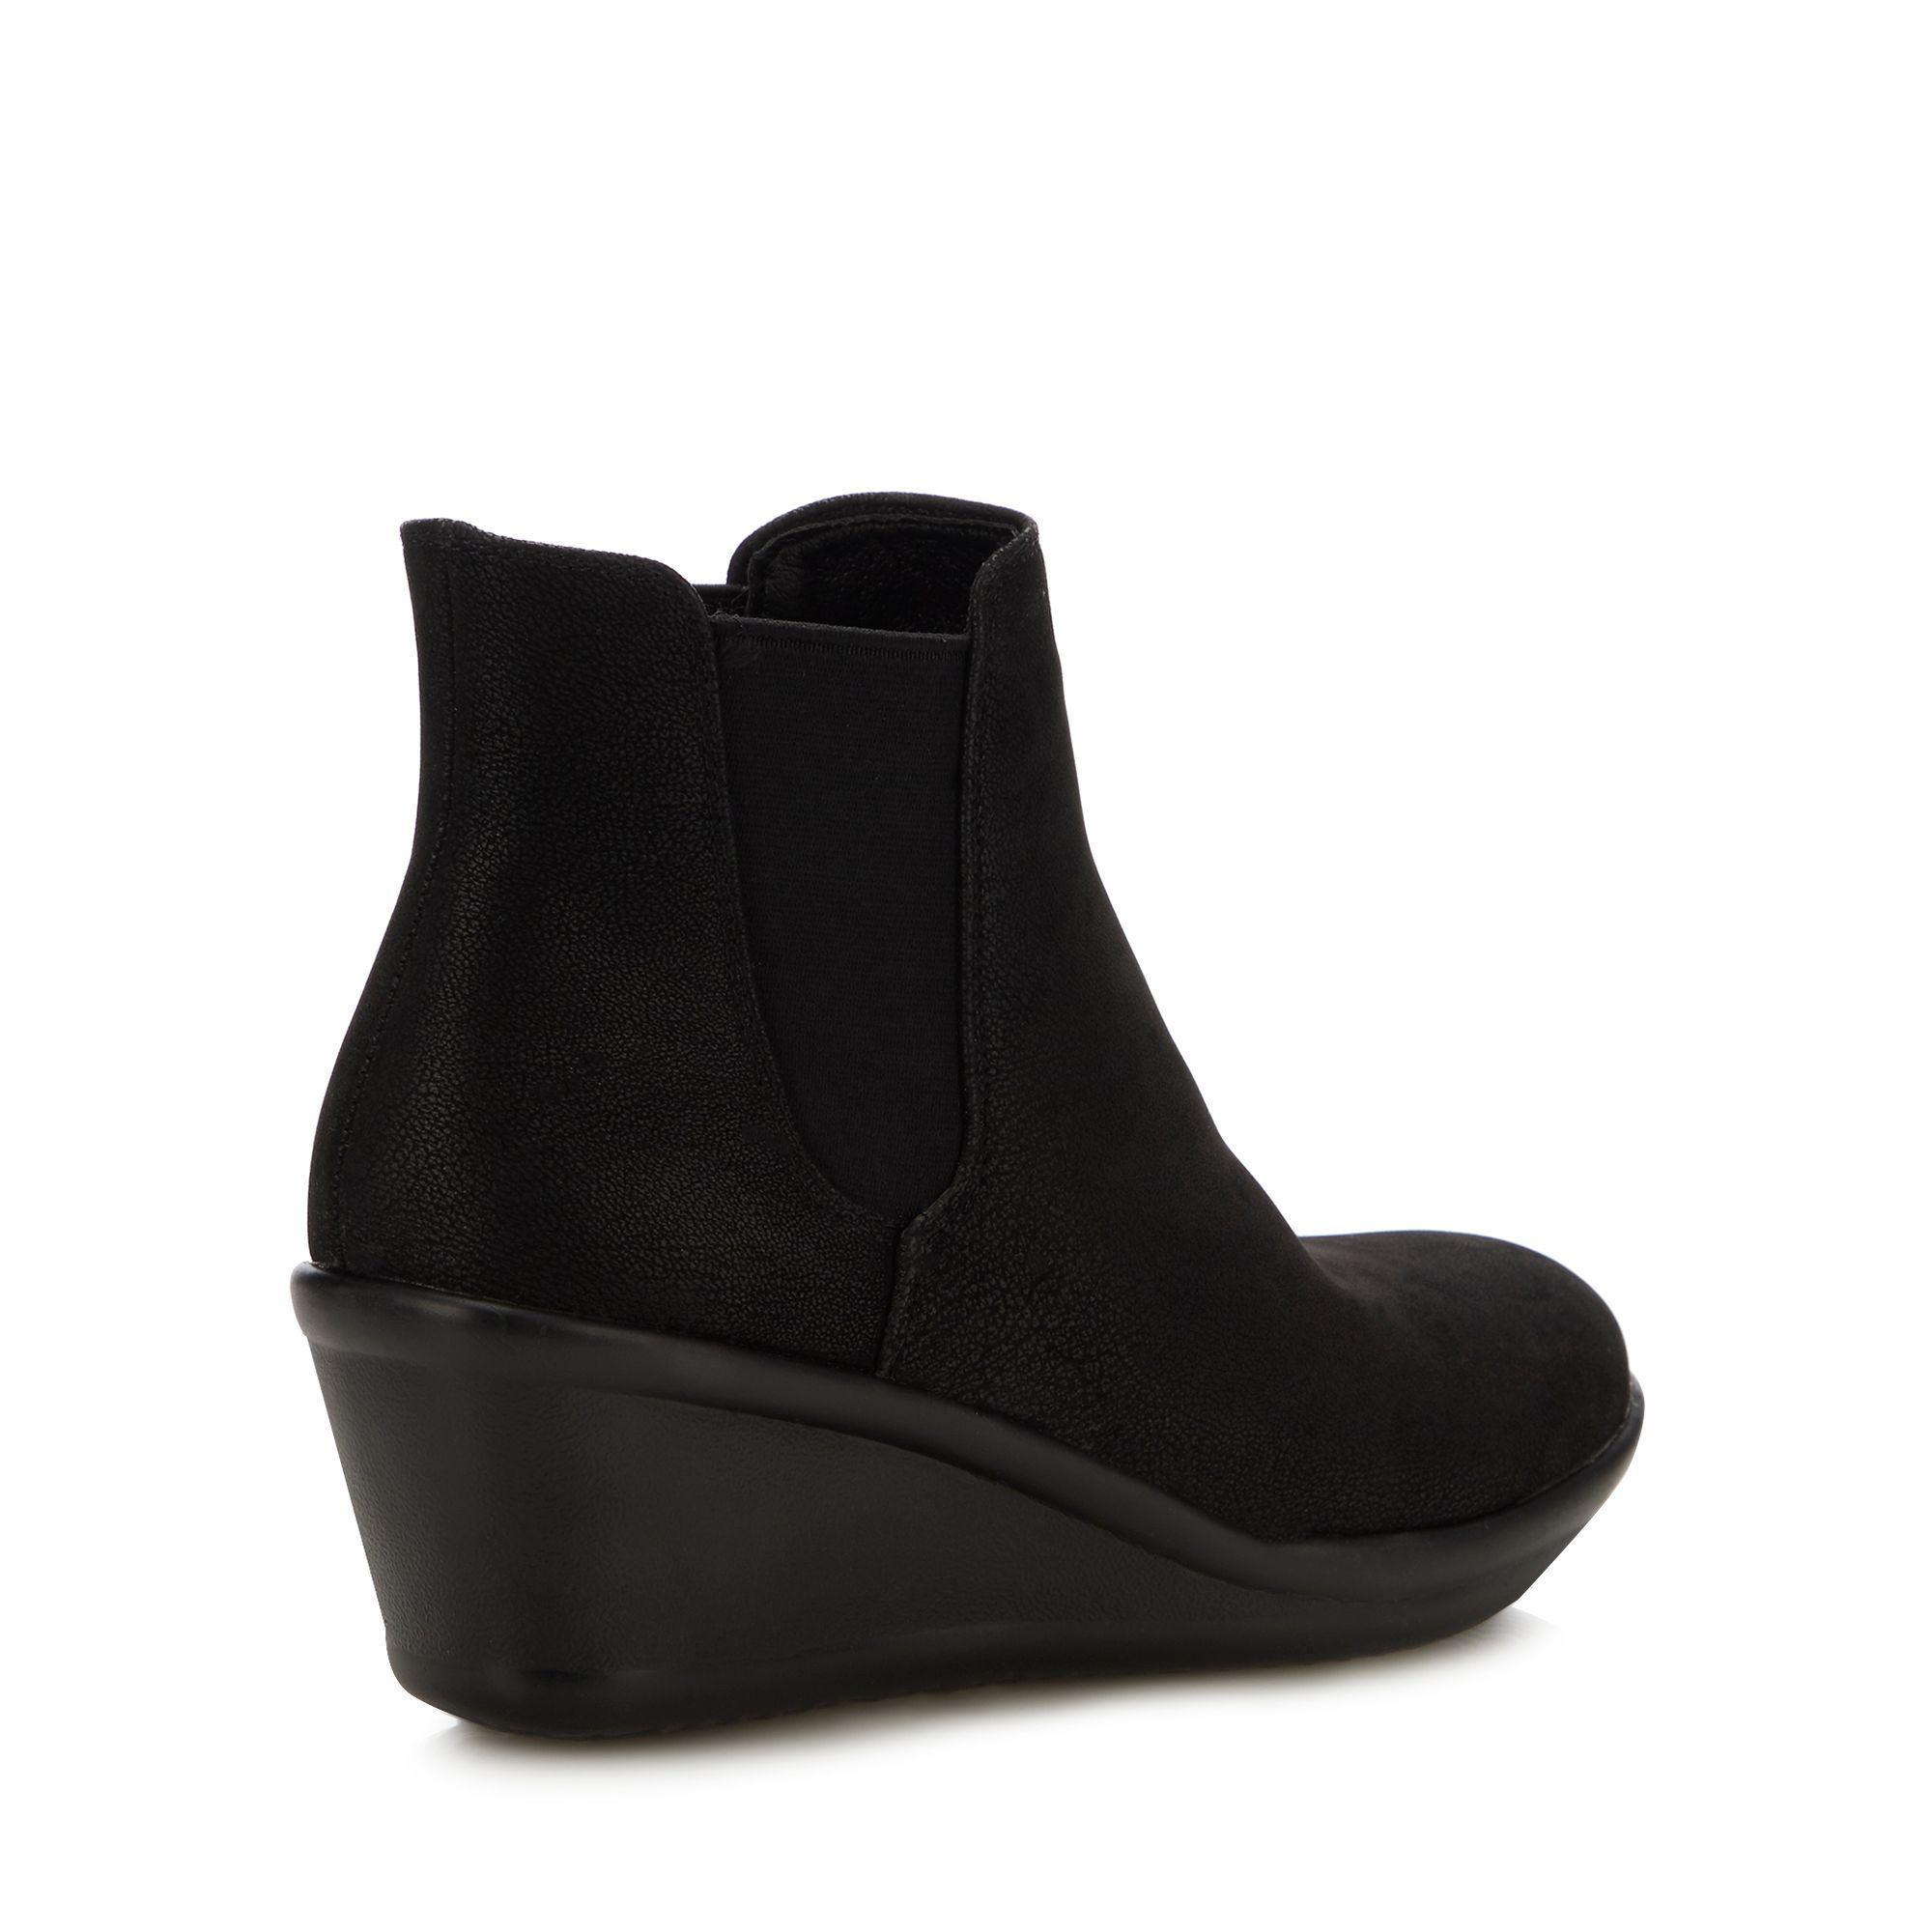 daa7d0d5e0c Skechers Black  rumblers Beam Me Up  Wedge Heel Chelsea Boots in ...